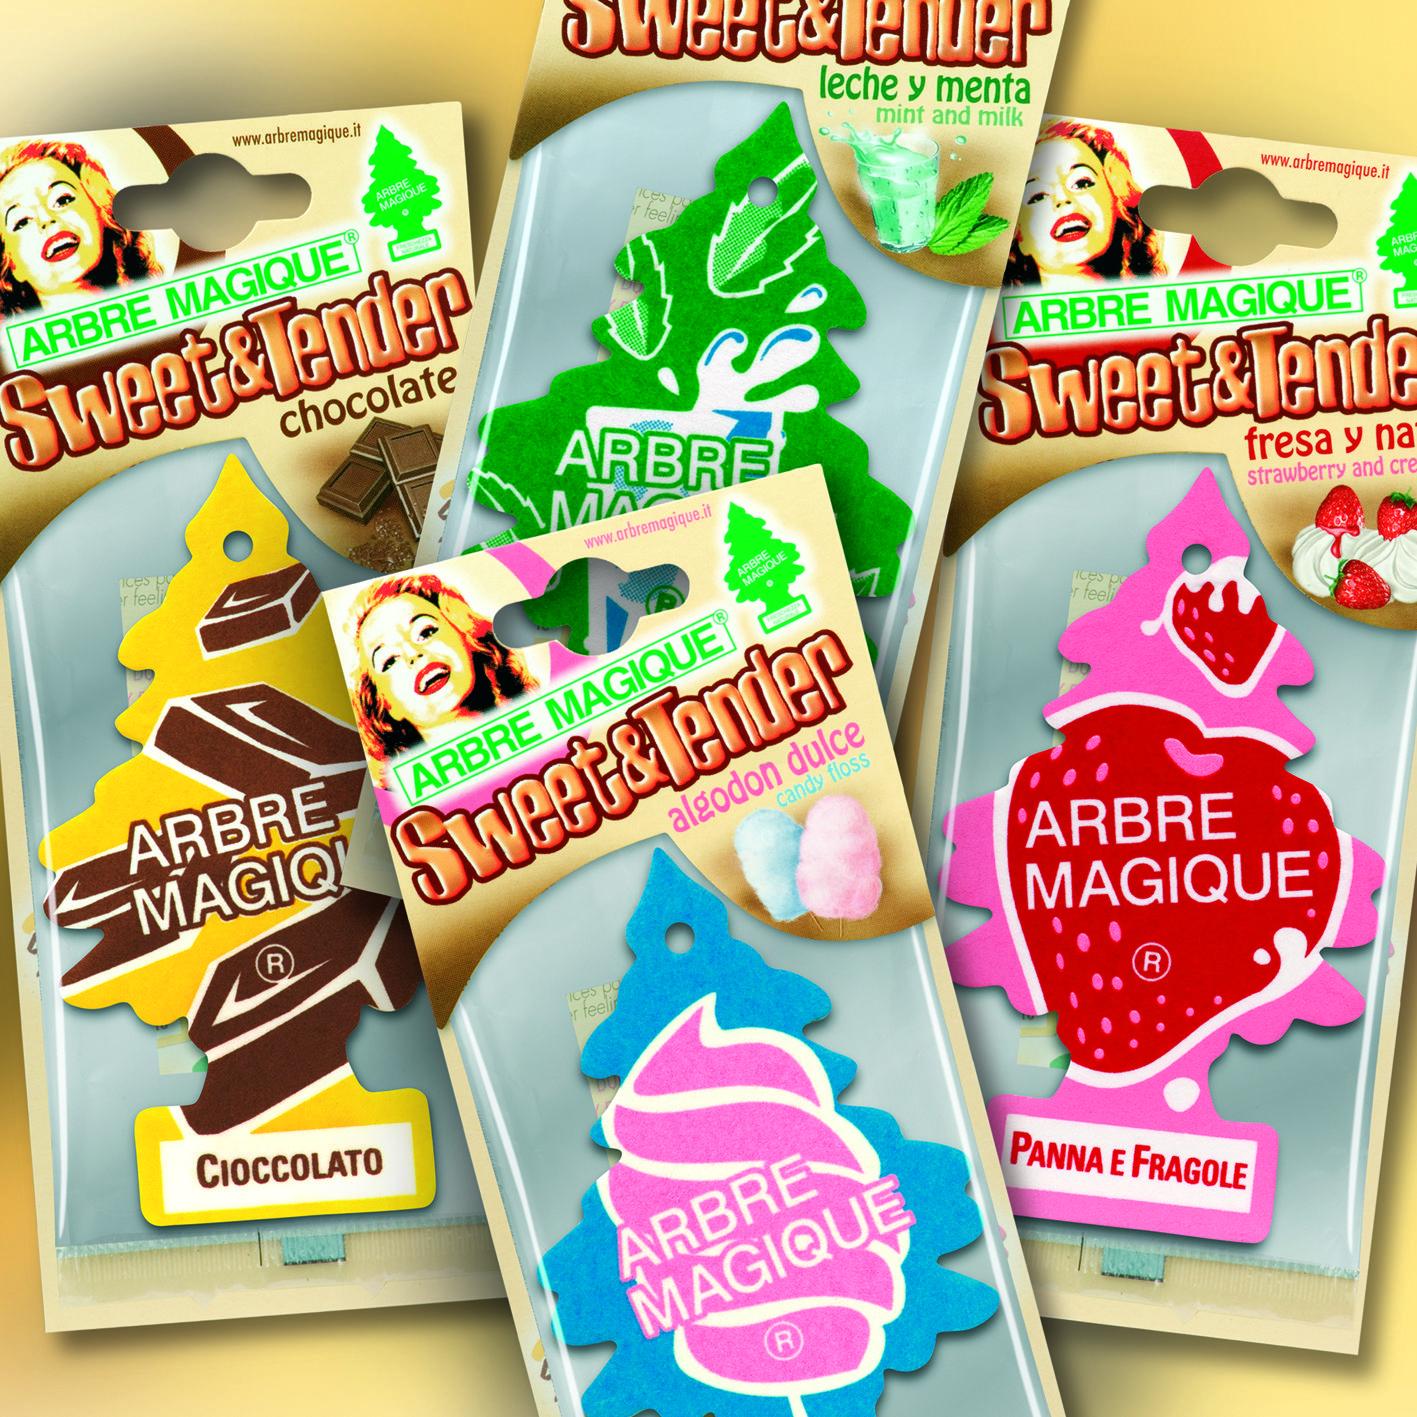 Arbre Magique Sweet & Tender - by Pensabene Design for Tavola SpA. #pensabenedesign #arbremagique